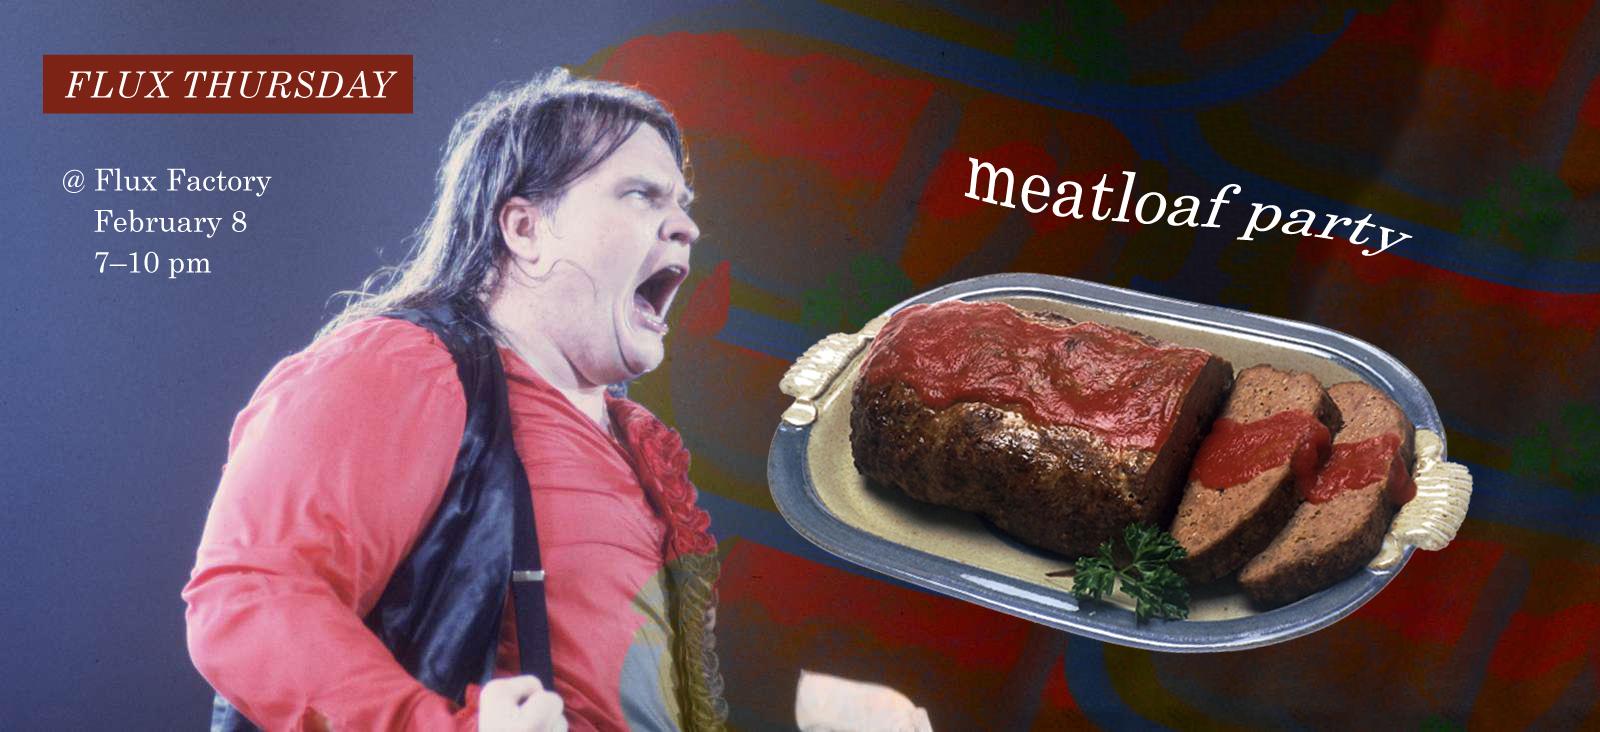 Flux Thursday: Meatloaf Party